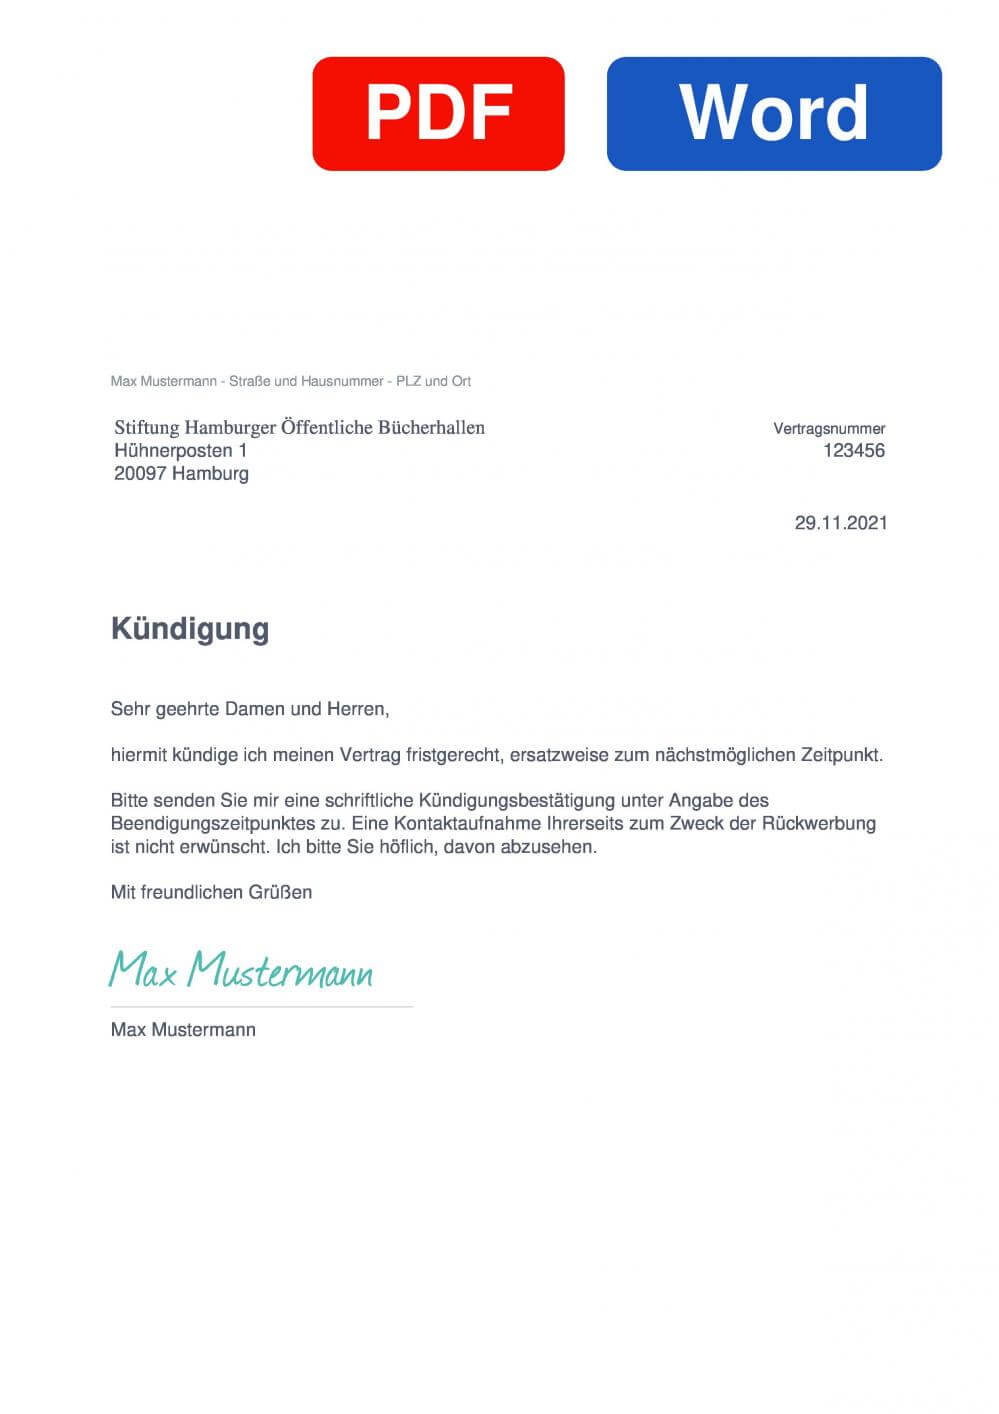 Bücherhalle Hamburg Muster Vorlage für Kündigungsschreiben